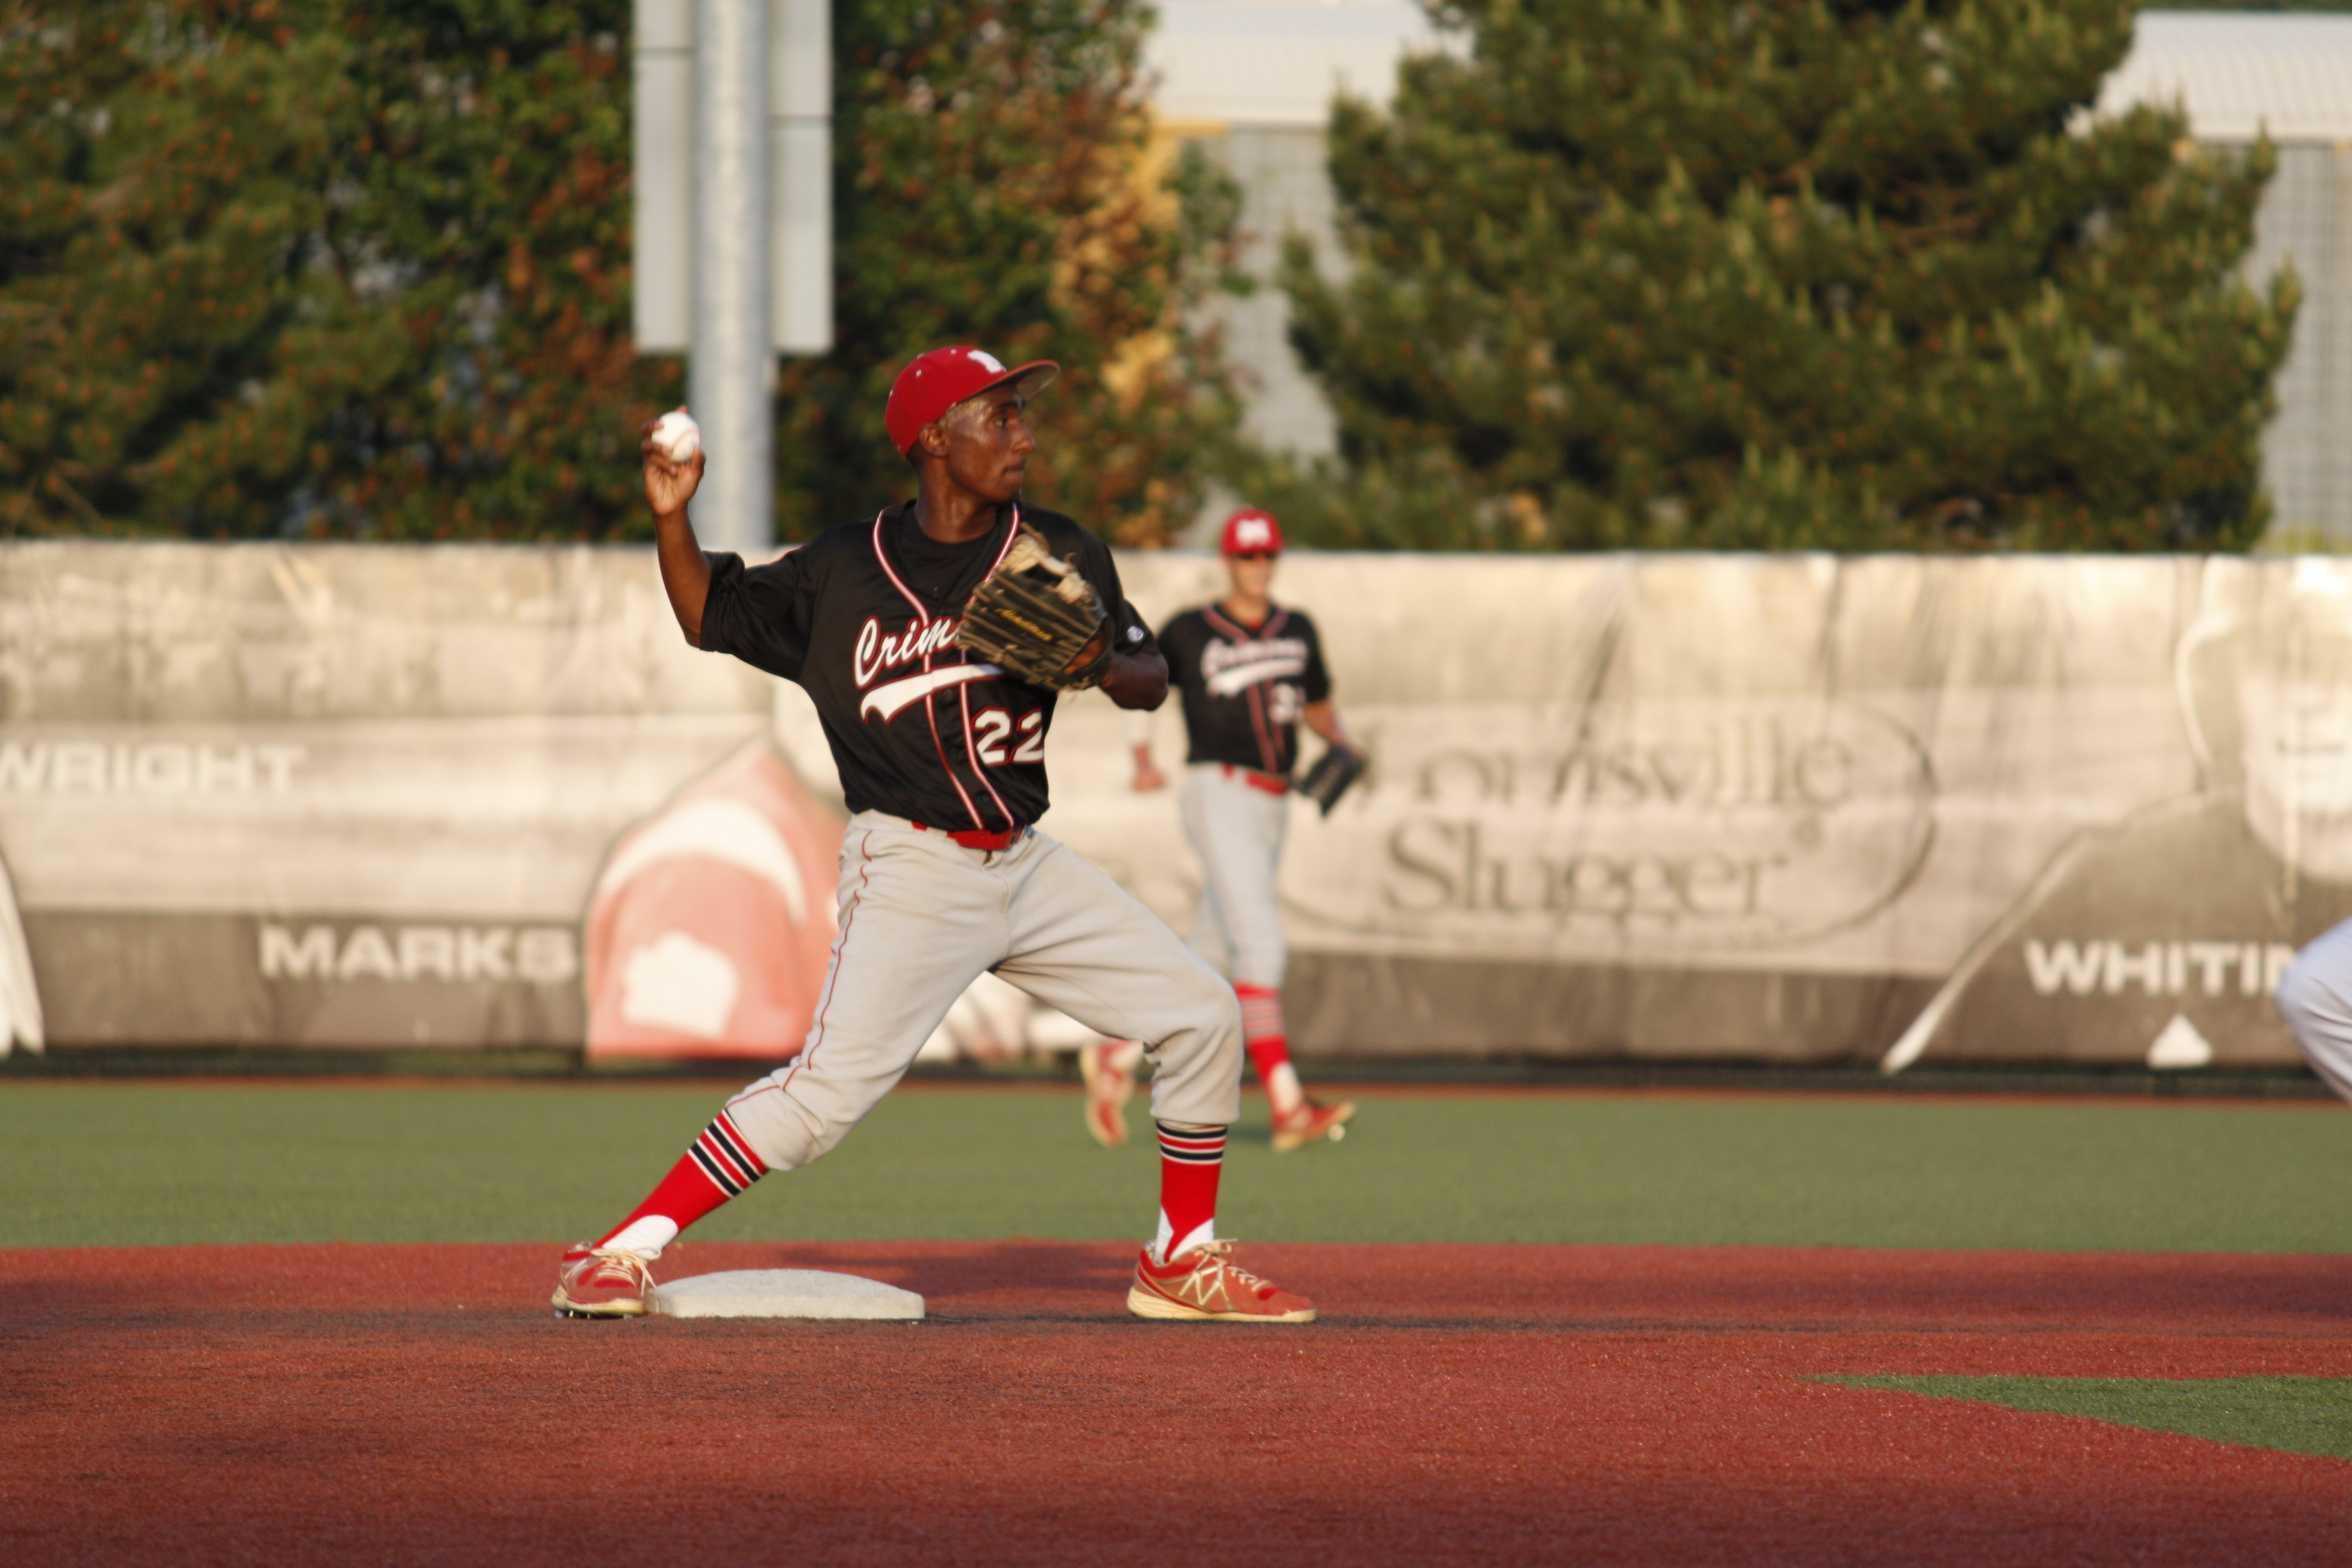 Tuarhn Gordon (11) throws the ball to first base.